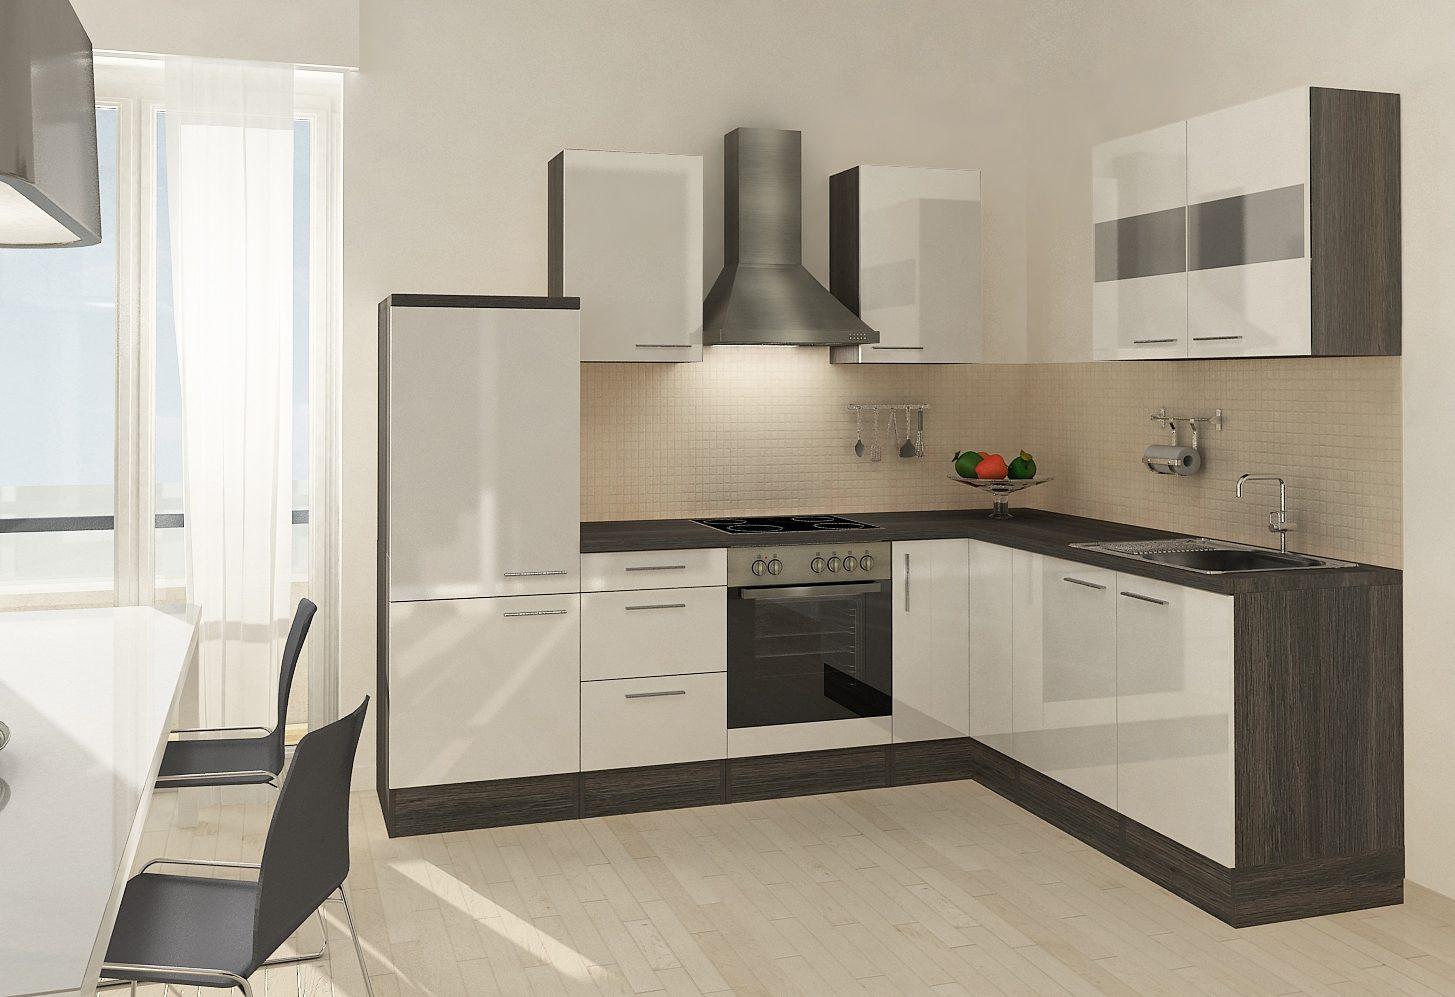 Küchenzeile Mit Geräten Ikea | Wellcome To Image Archive ...